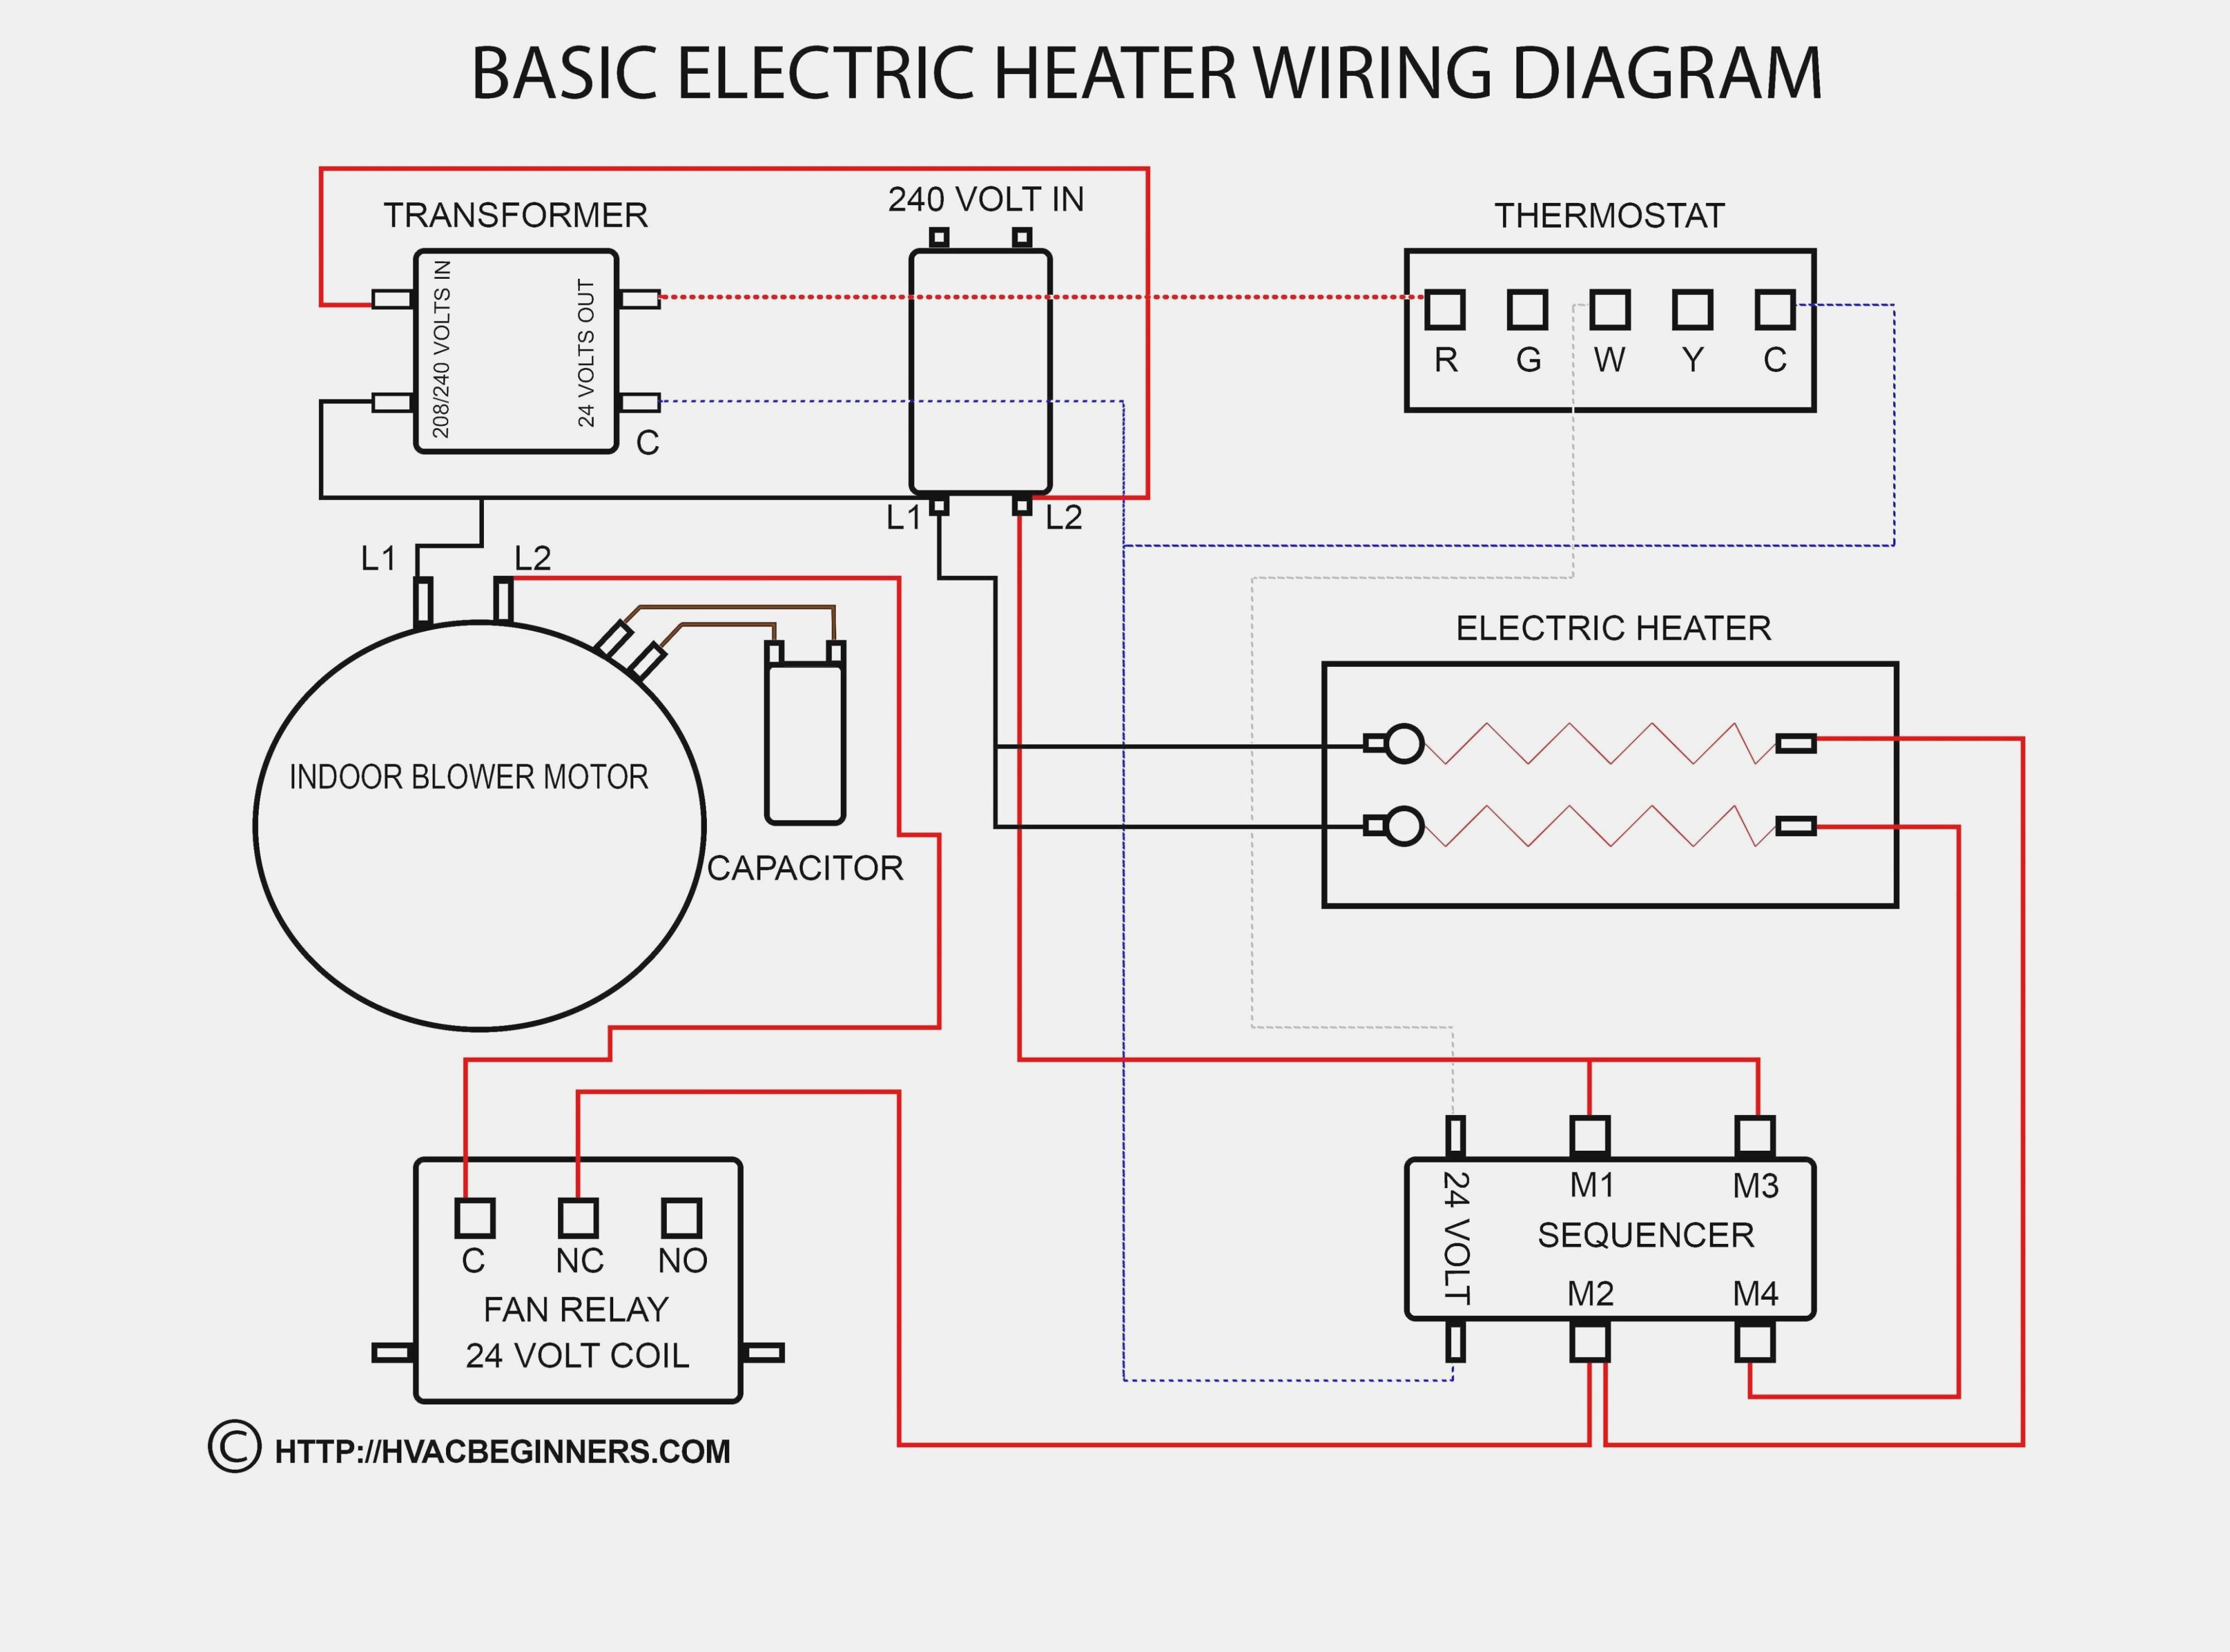 Car Electric Fan Wiring Diagram Wiring A Electric Space Heater Schema Wiring Diagram Of Car Electric Fan Wiring Diagram Electric Gate Wiring Diagram